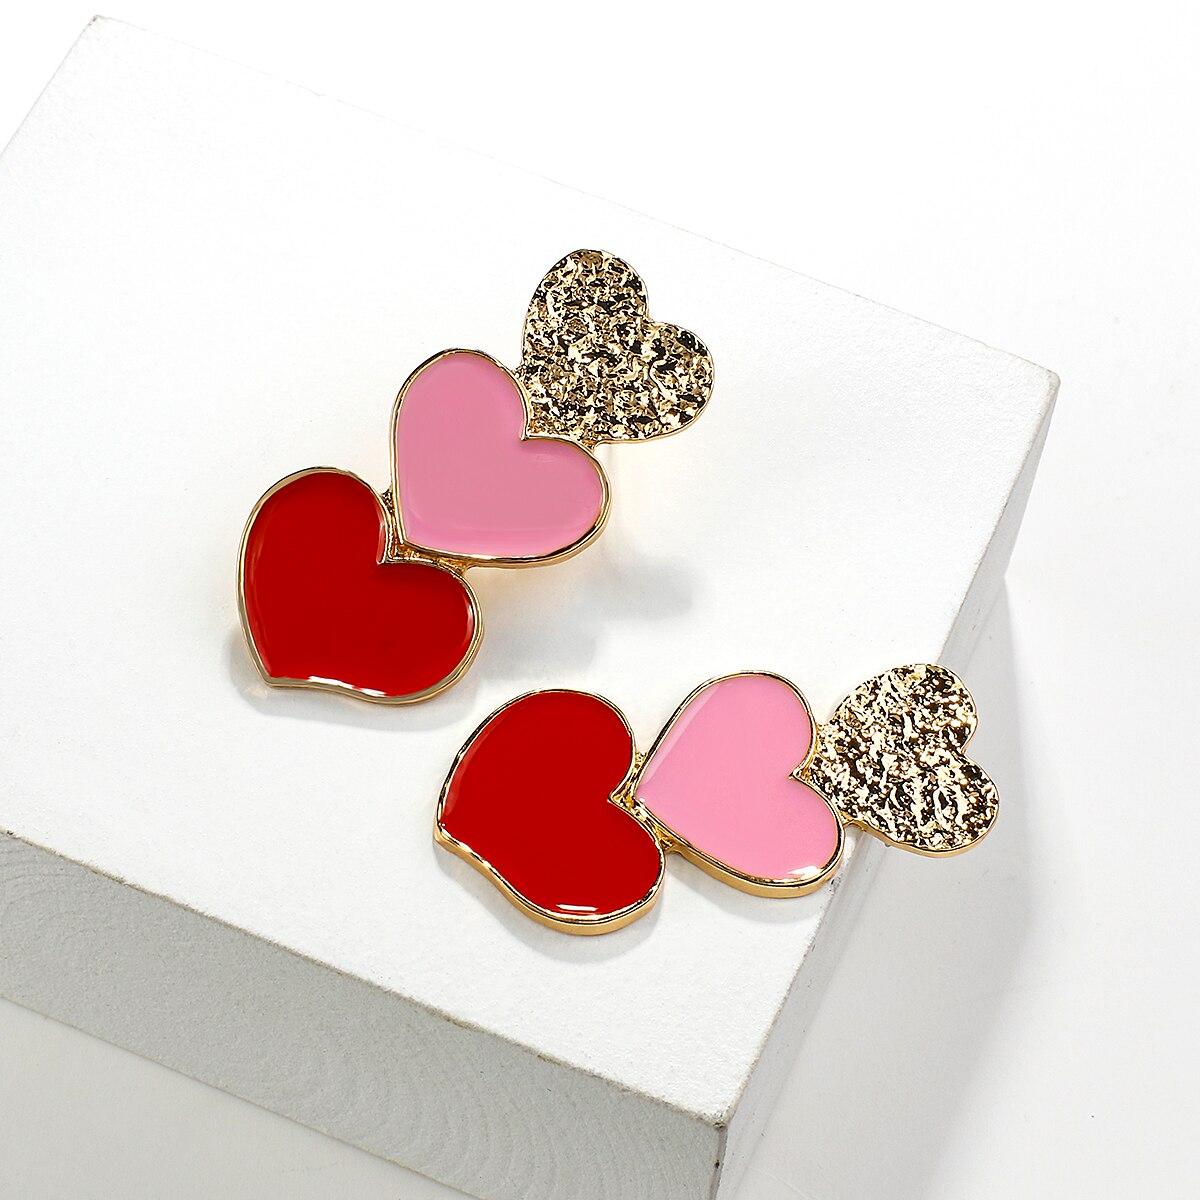 AENSOA Long Red Pink Gold Heart Pendant Drop Earrings Korean Style Statement Long Charm Heart Shape Earrings Party Jewelry Gift